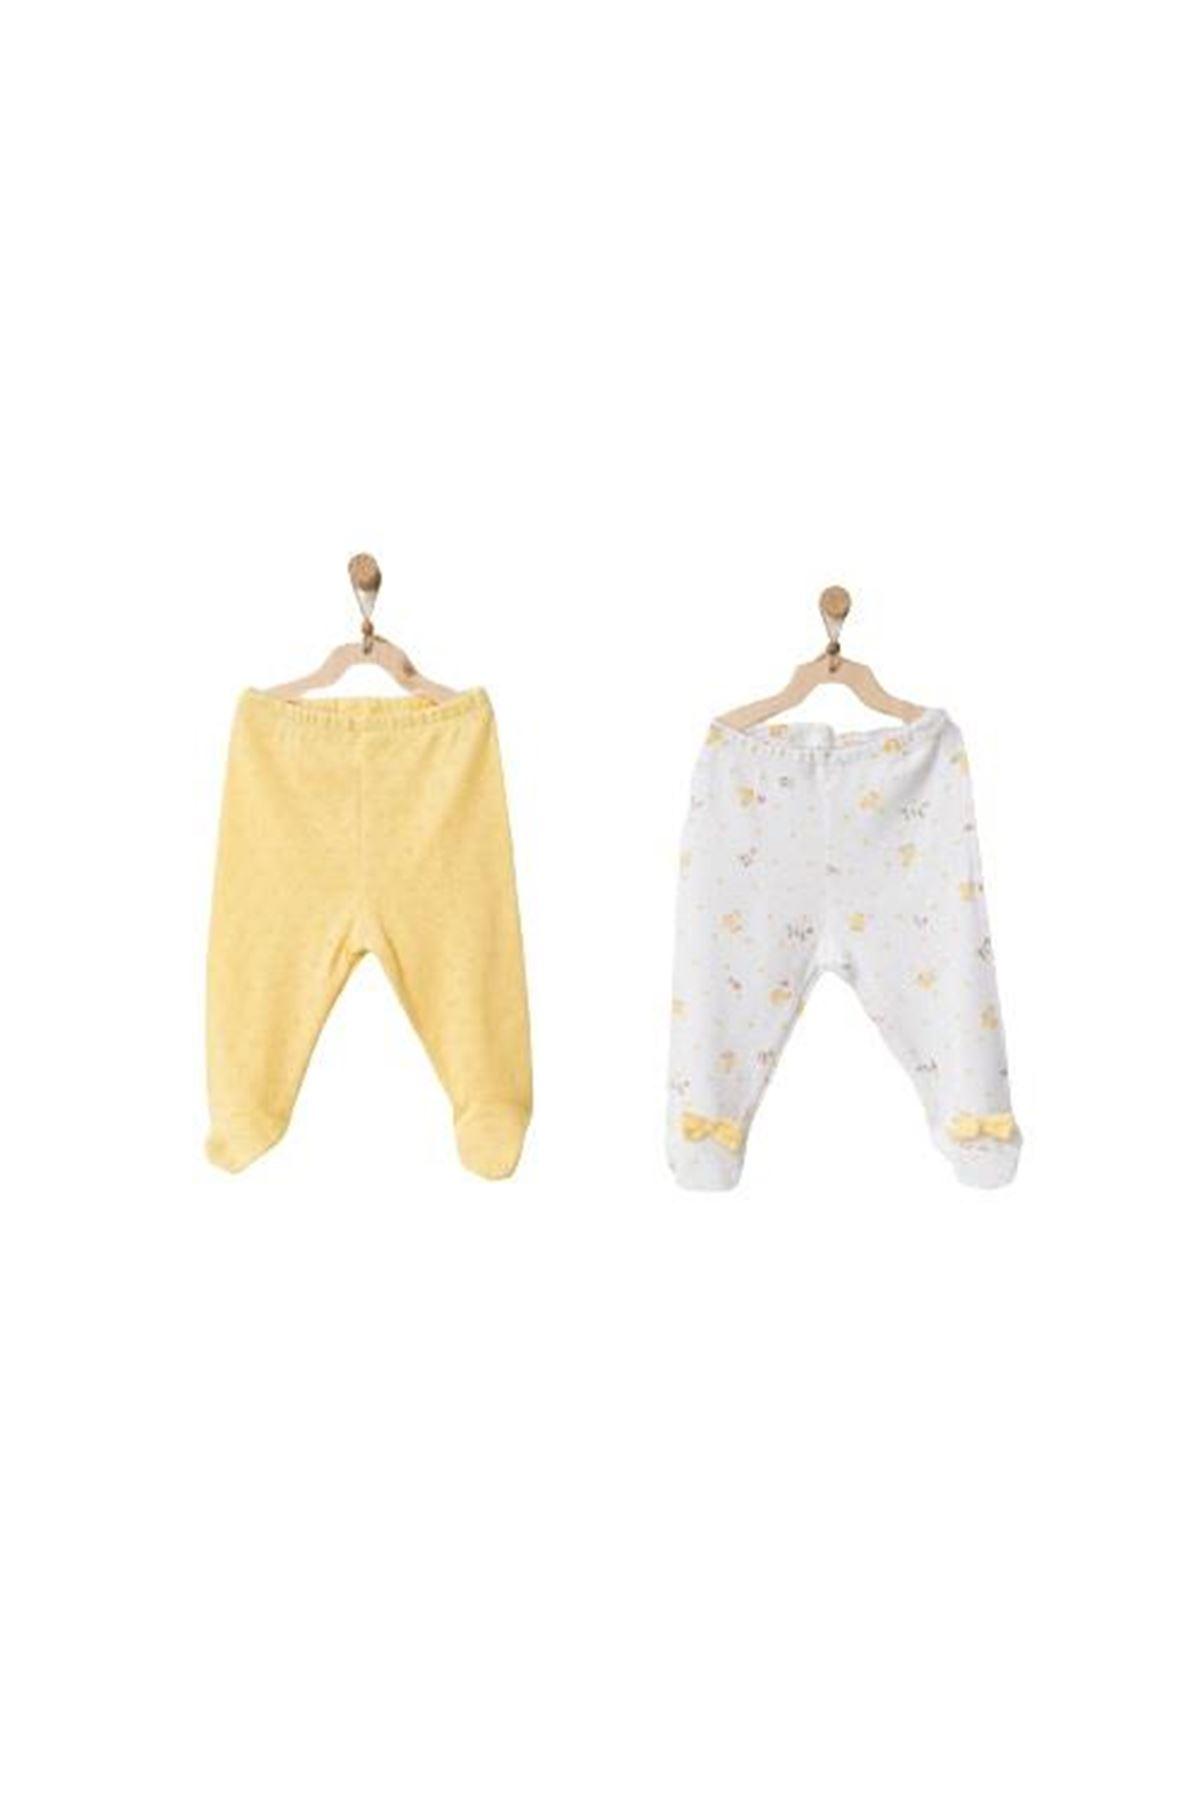 Andywawa AC21575 Happy Chicky 2li Pantolon Yellow